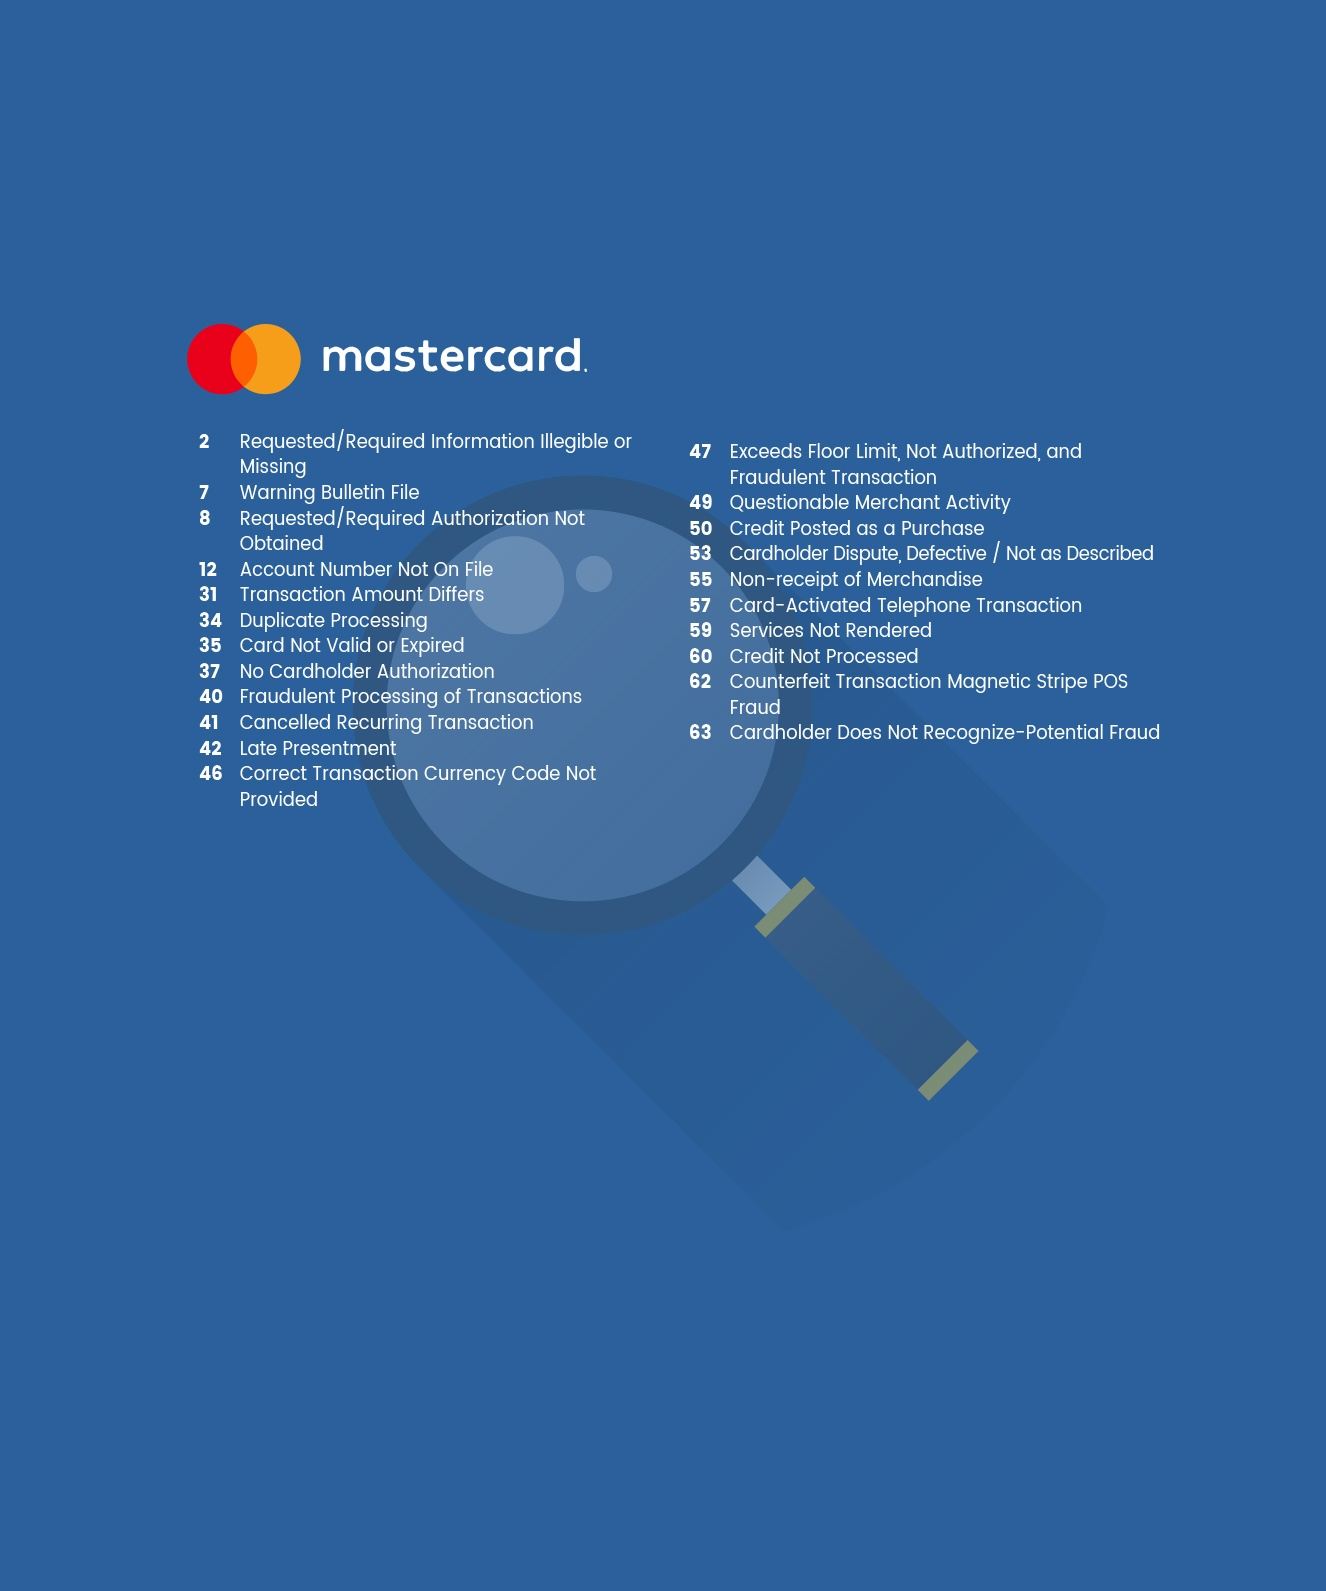 mastercard-reason-codes